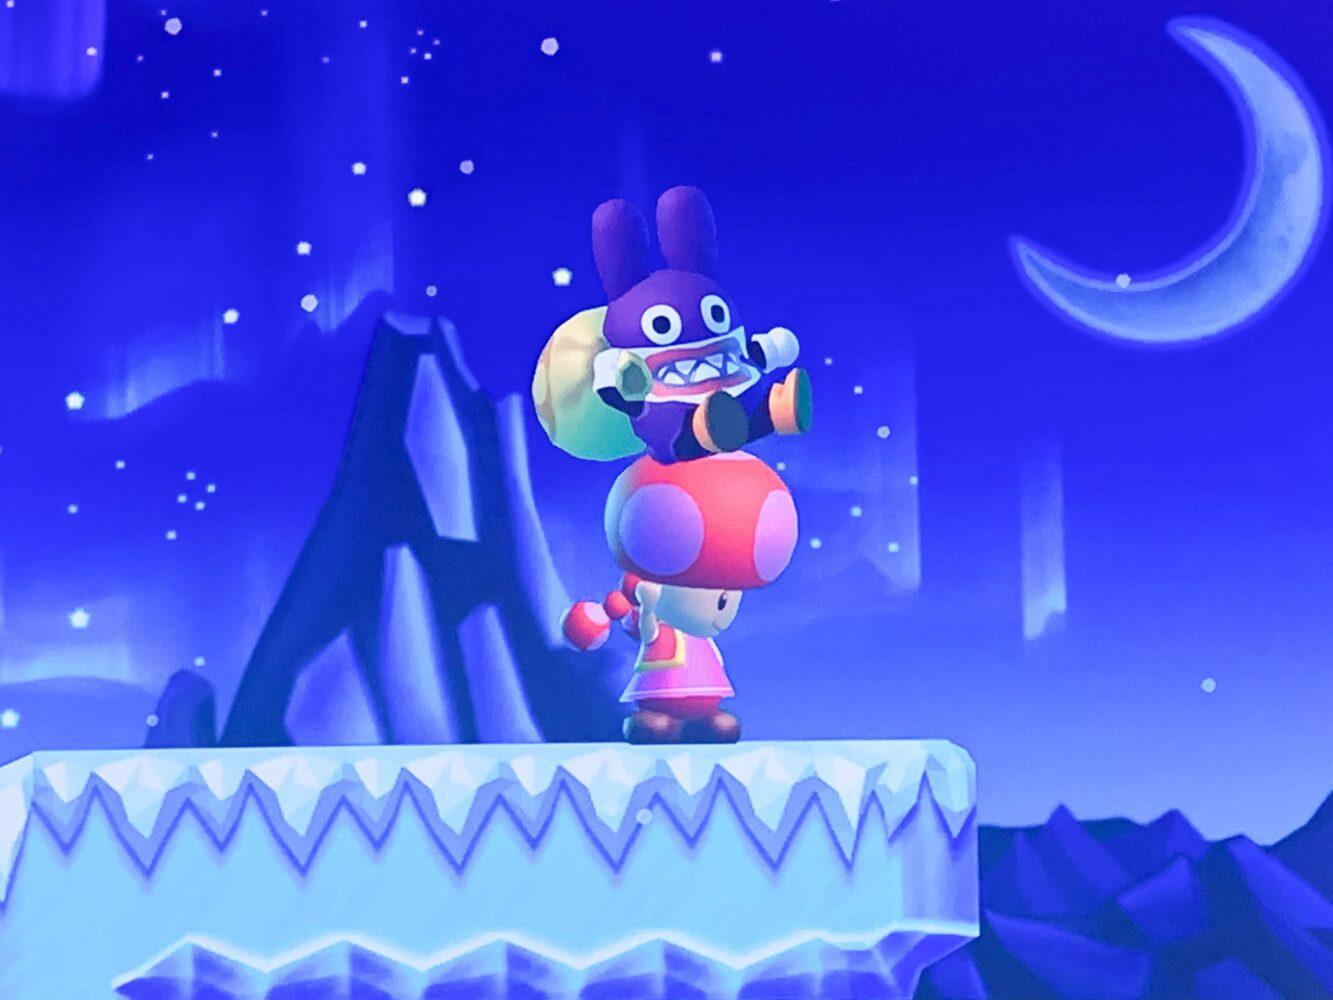 Het Gezinsleven - Gezinsactiviteiten - Media en Techniek - New Super Mario Bros. U Deluxe - Nabbit is gevangen